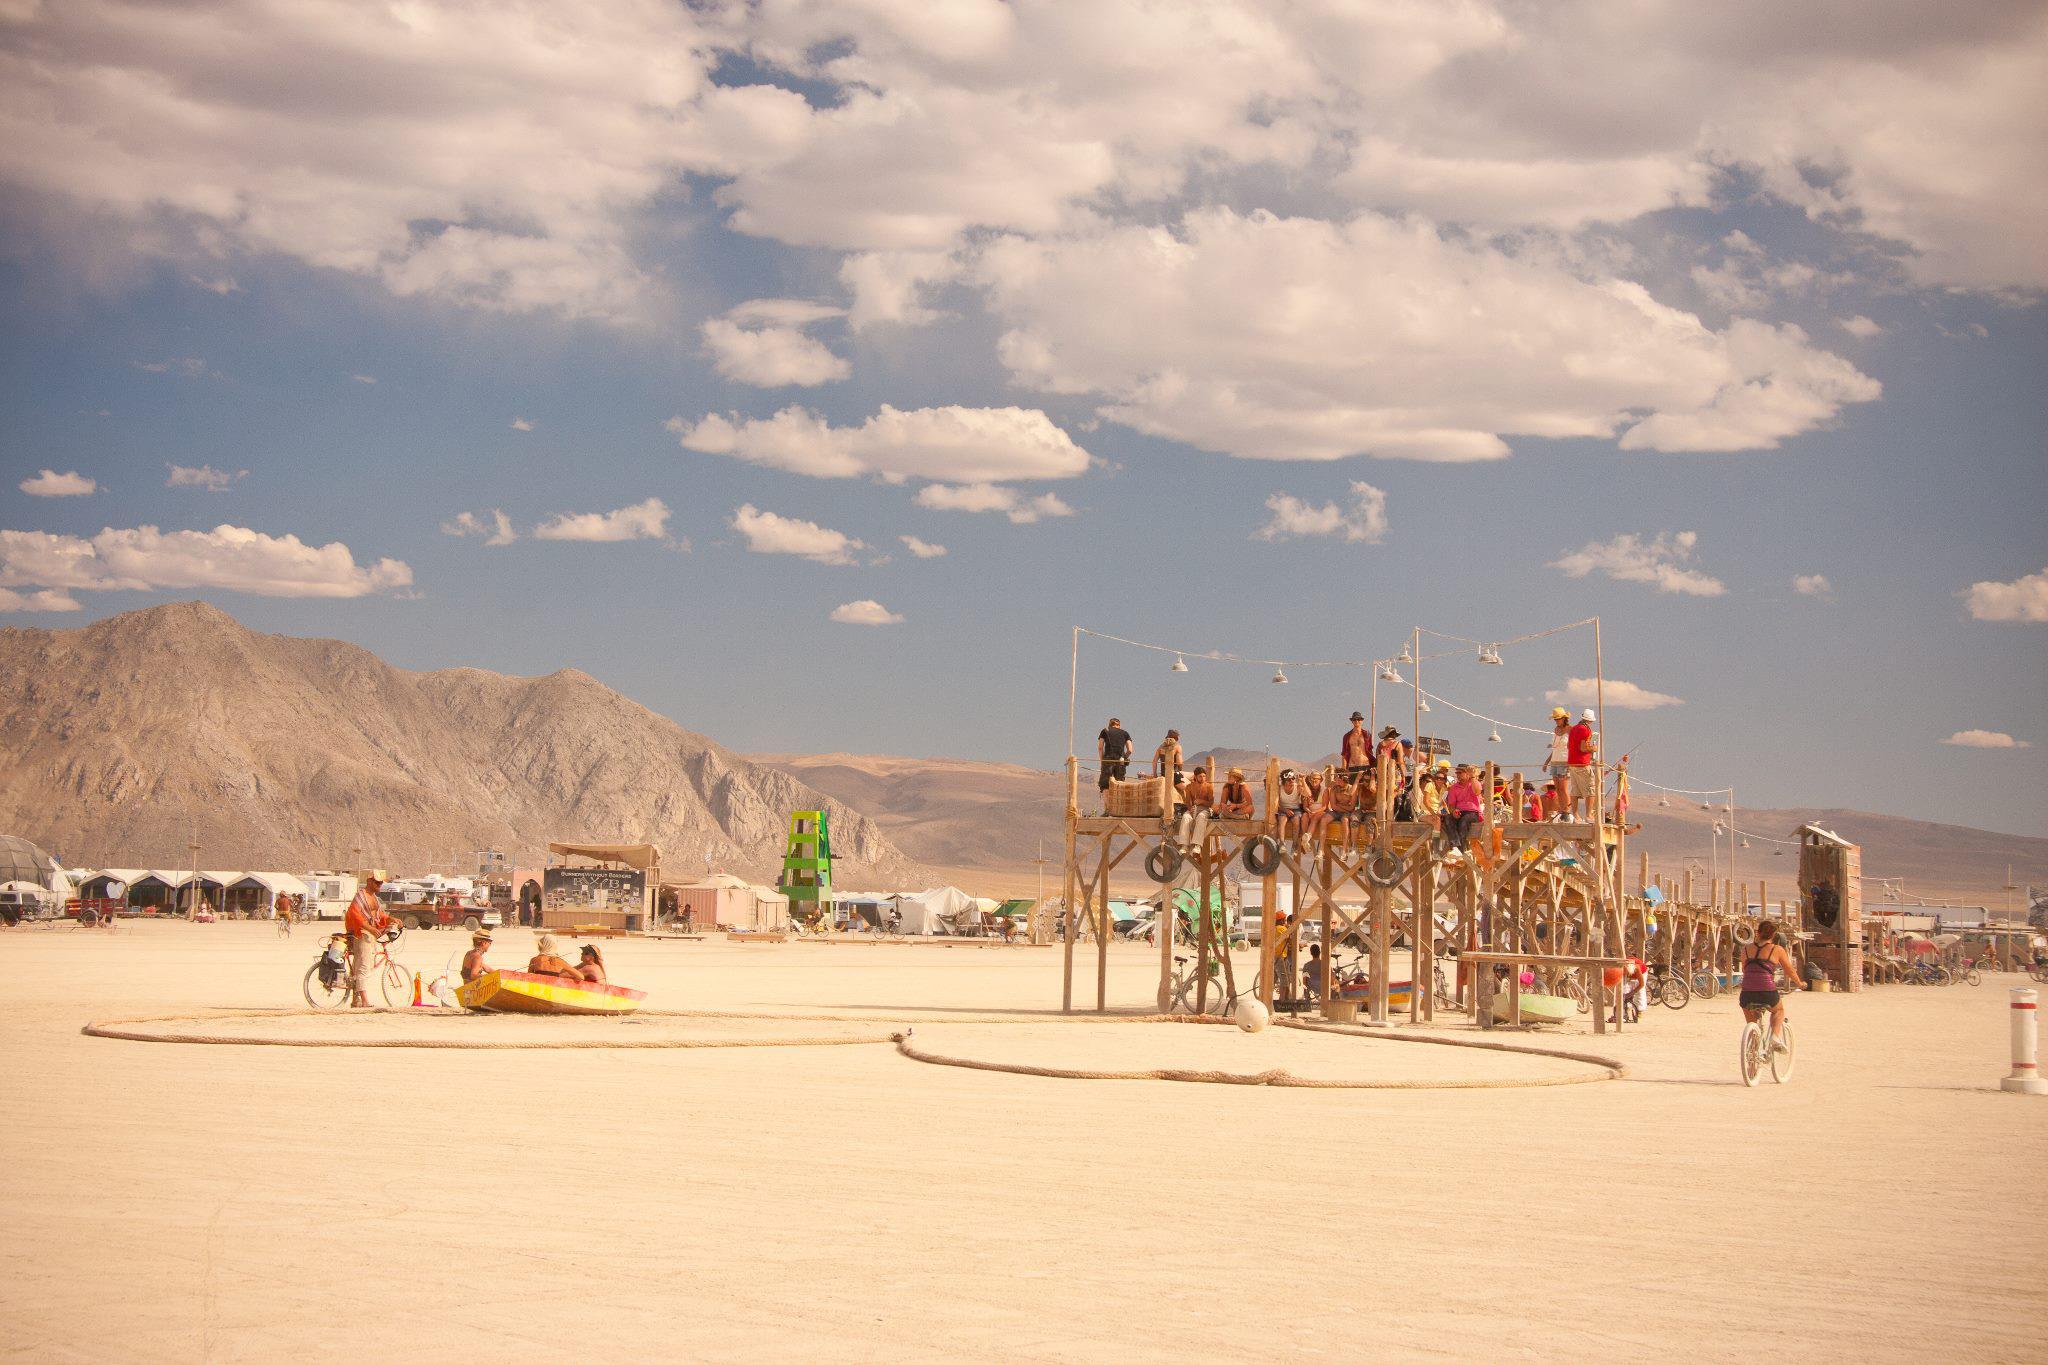 Photo: http://www.noveljourney.com/tag/burning-man/